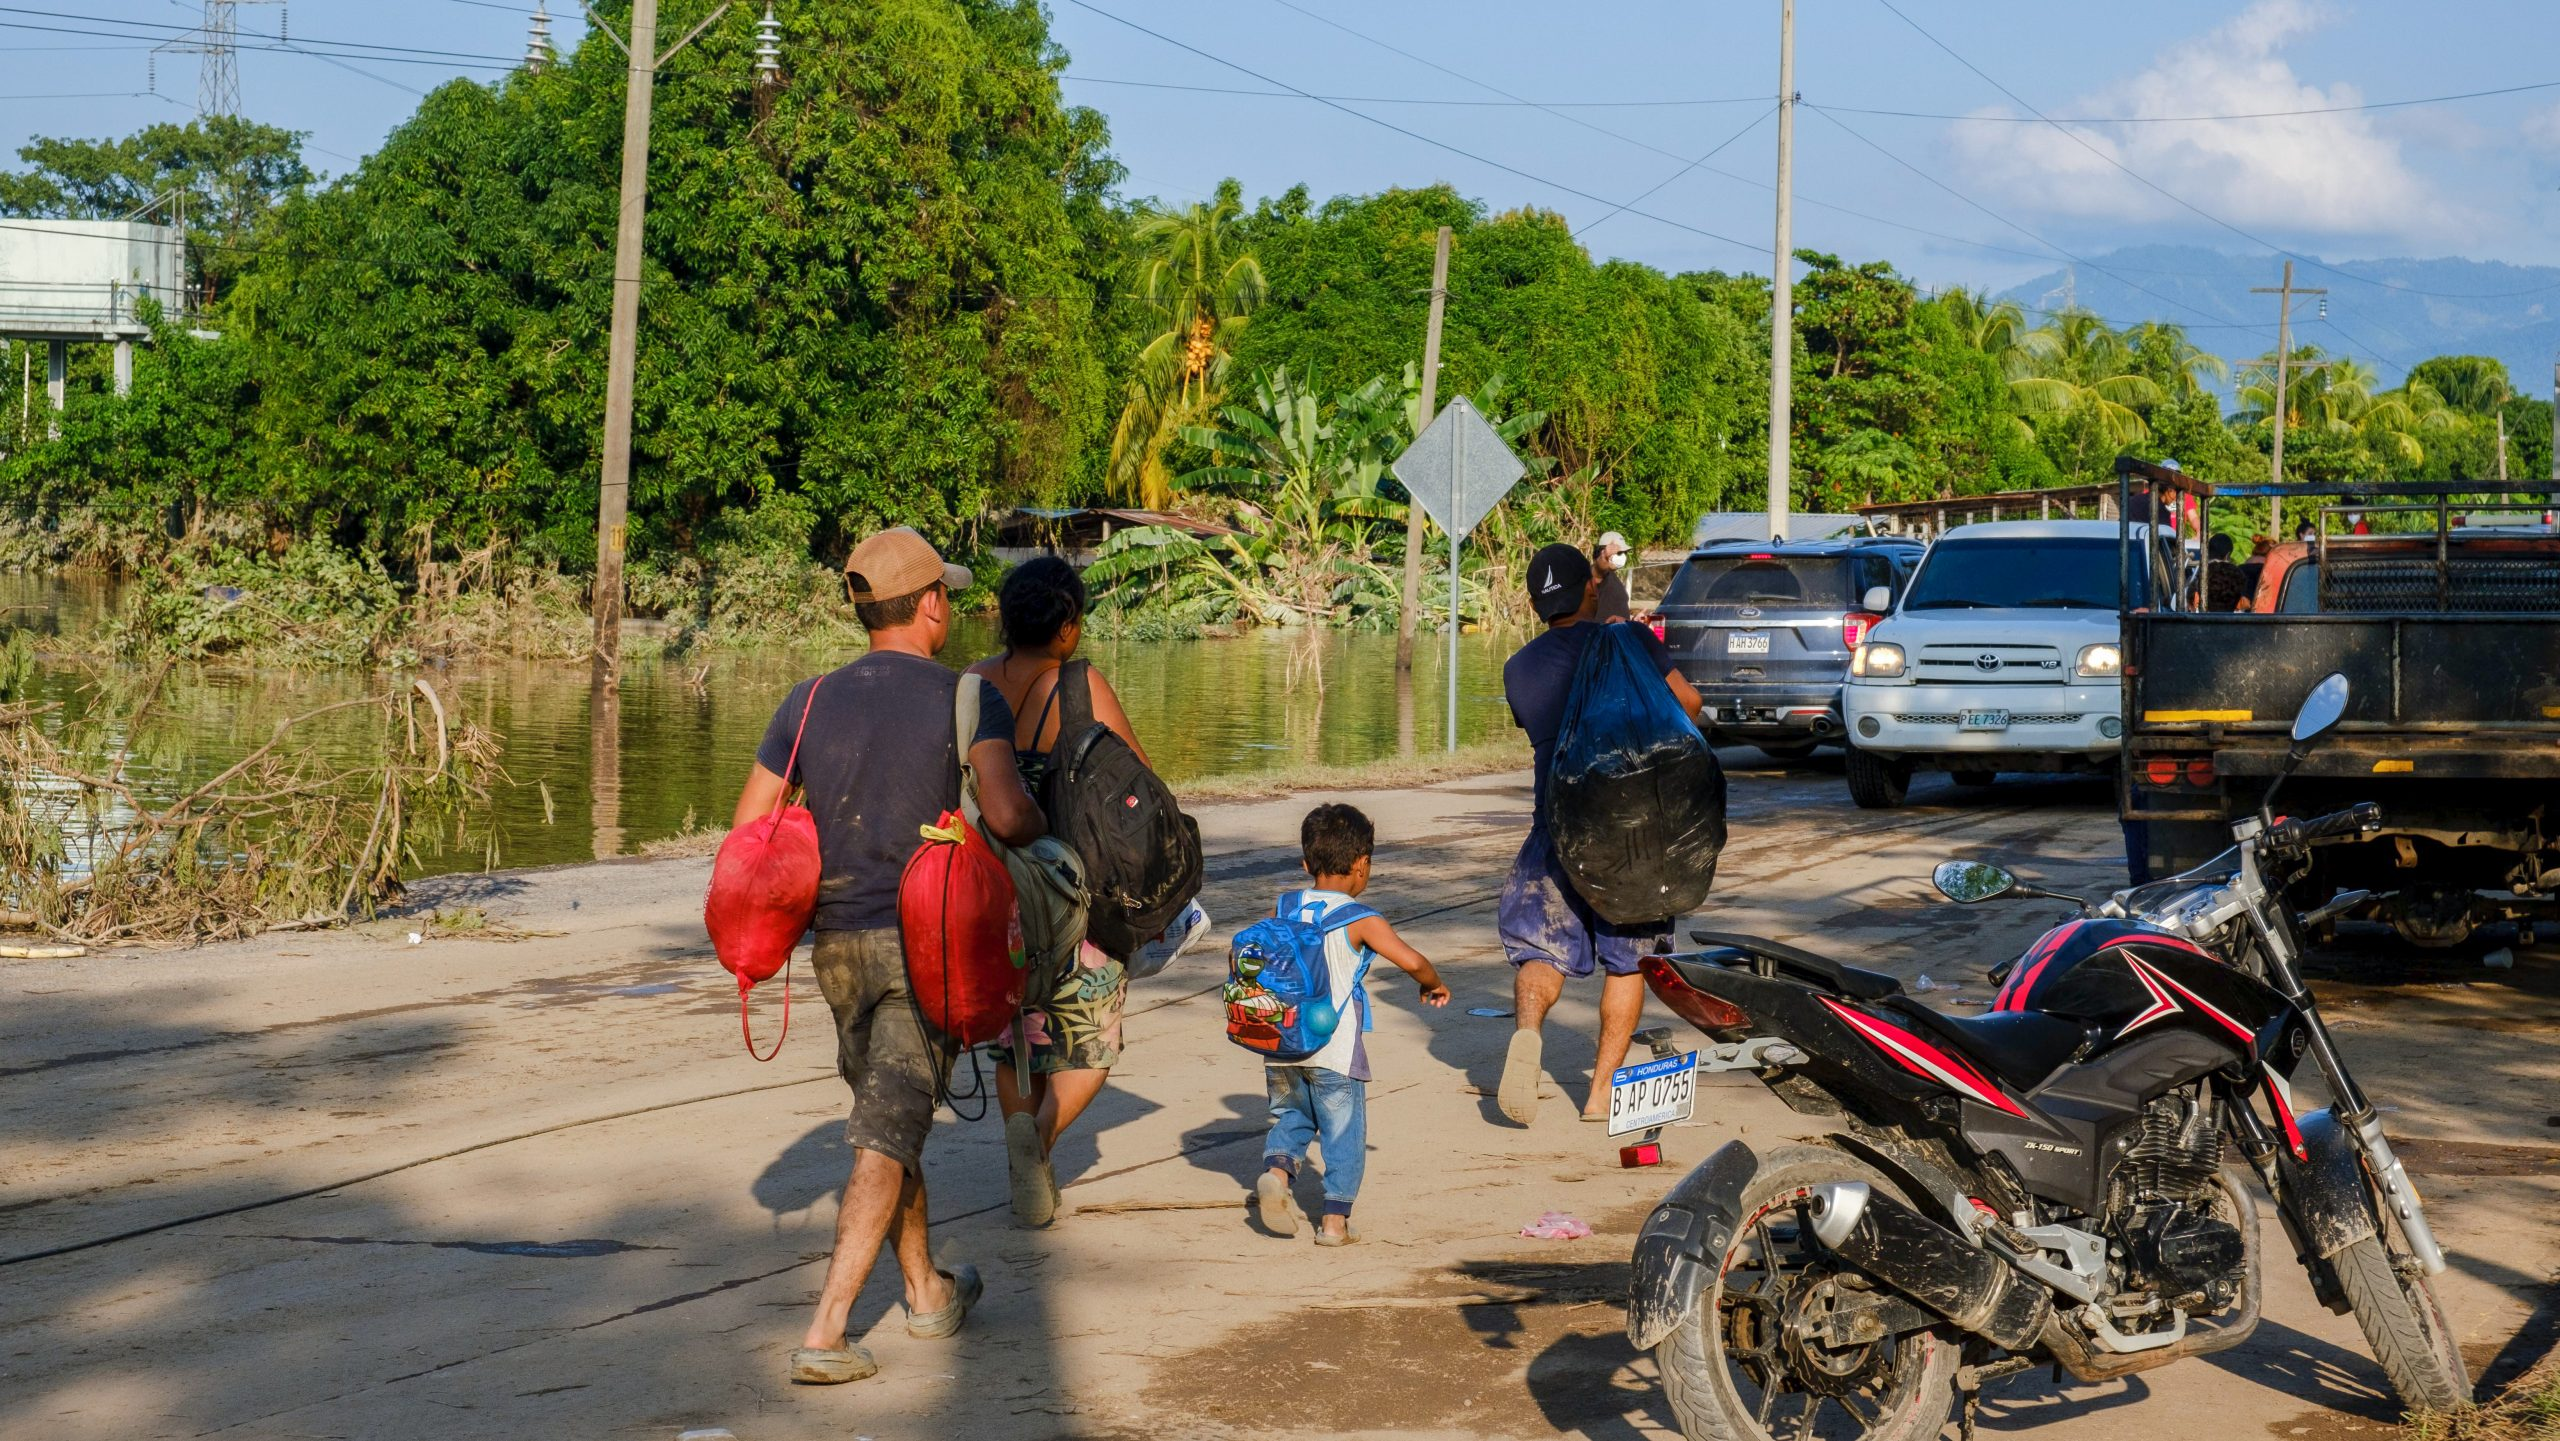 Una familia intenta viajar desde La Lima hasta el Progreso, Yoro, pero la fuerza de las aguas impide el paso de vehículos. La Lima, Cortés, 7 de noviembre de 2020. Foto: Deiby Yanes.